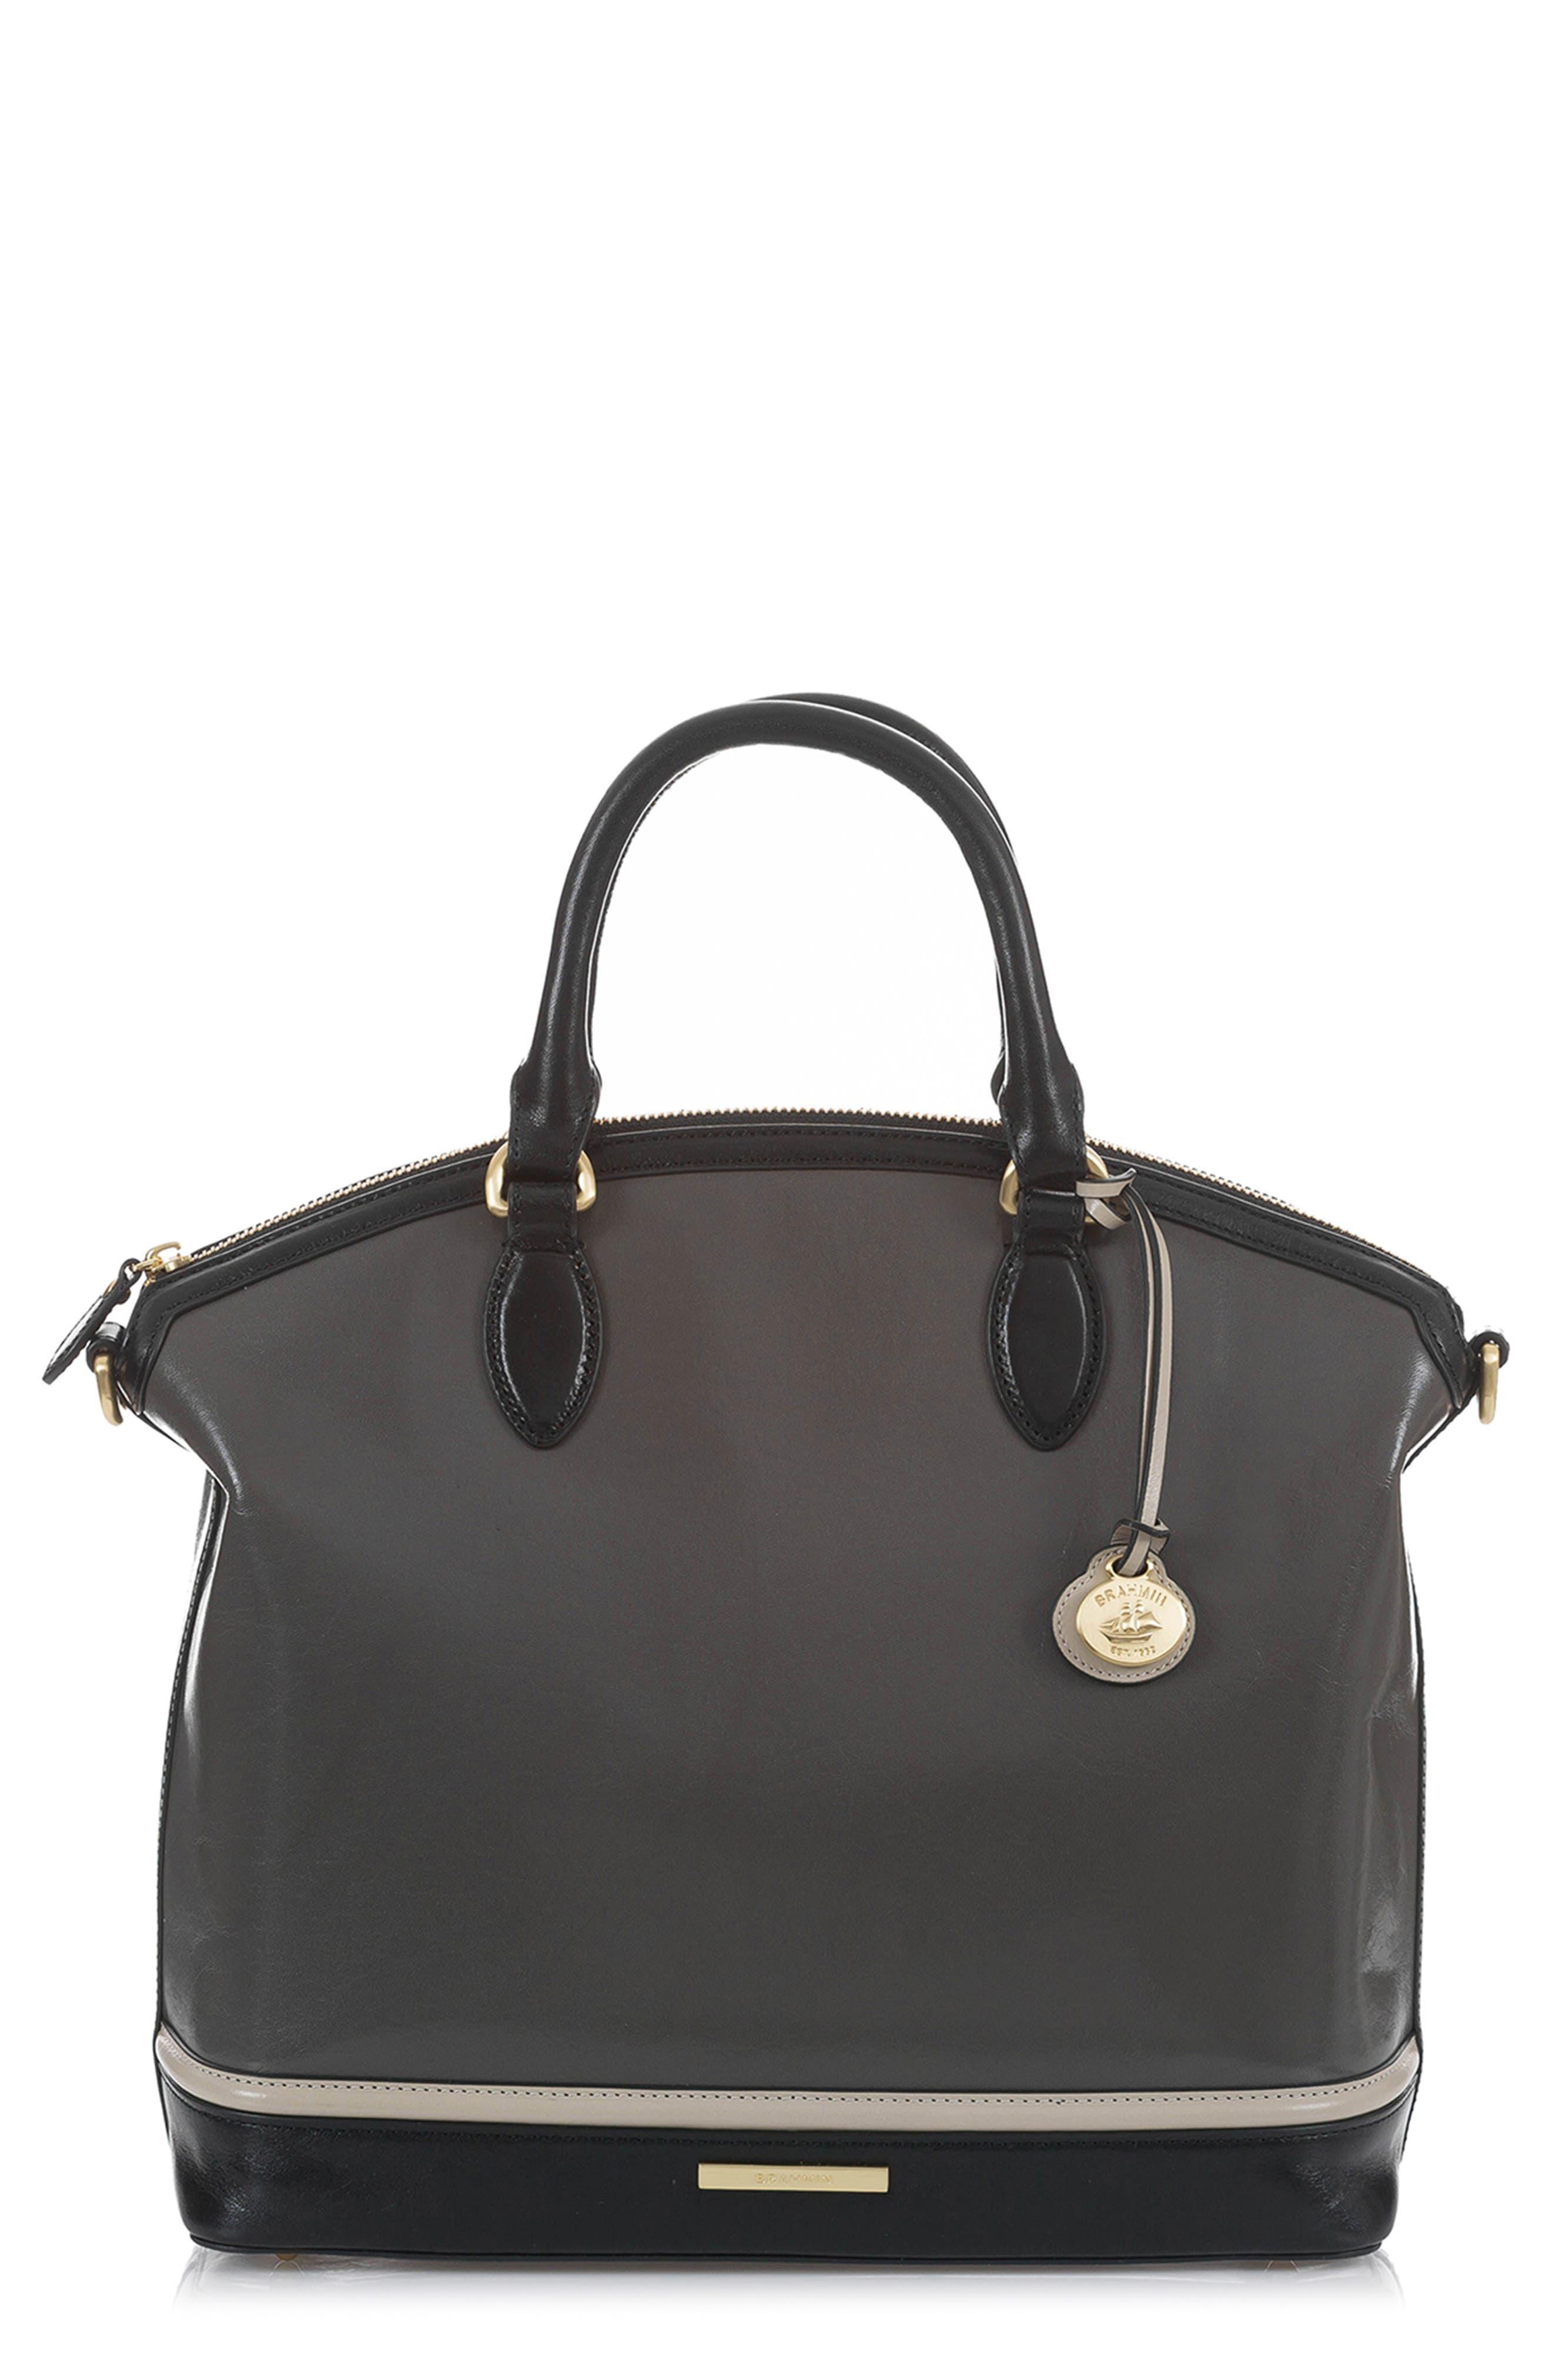 BRAHMIN Large Duxbury Leather Satchel, Main, color, CHARCOAL